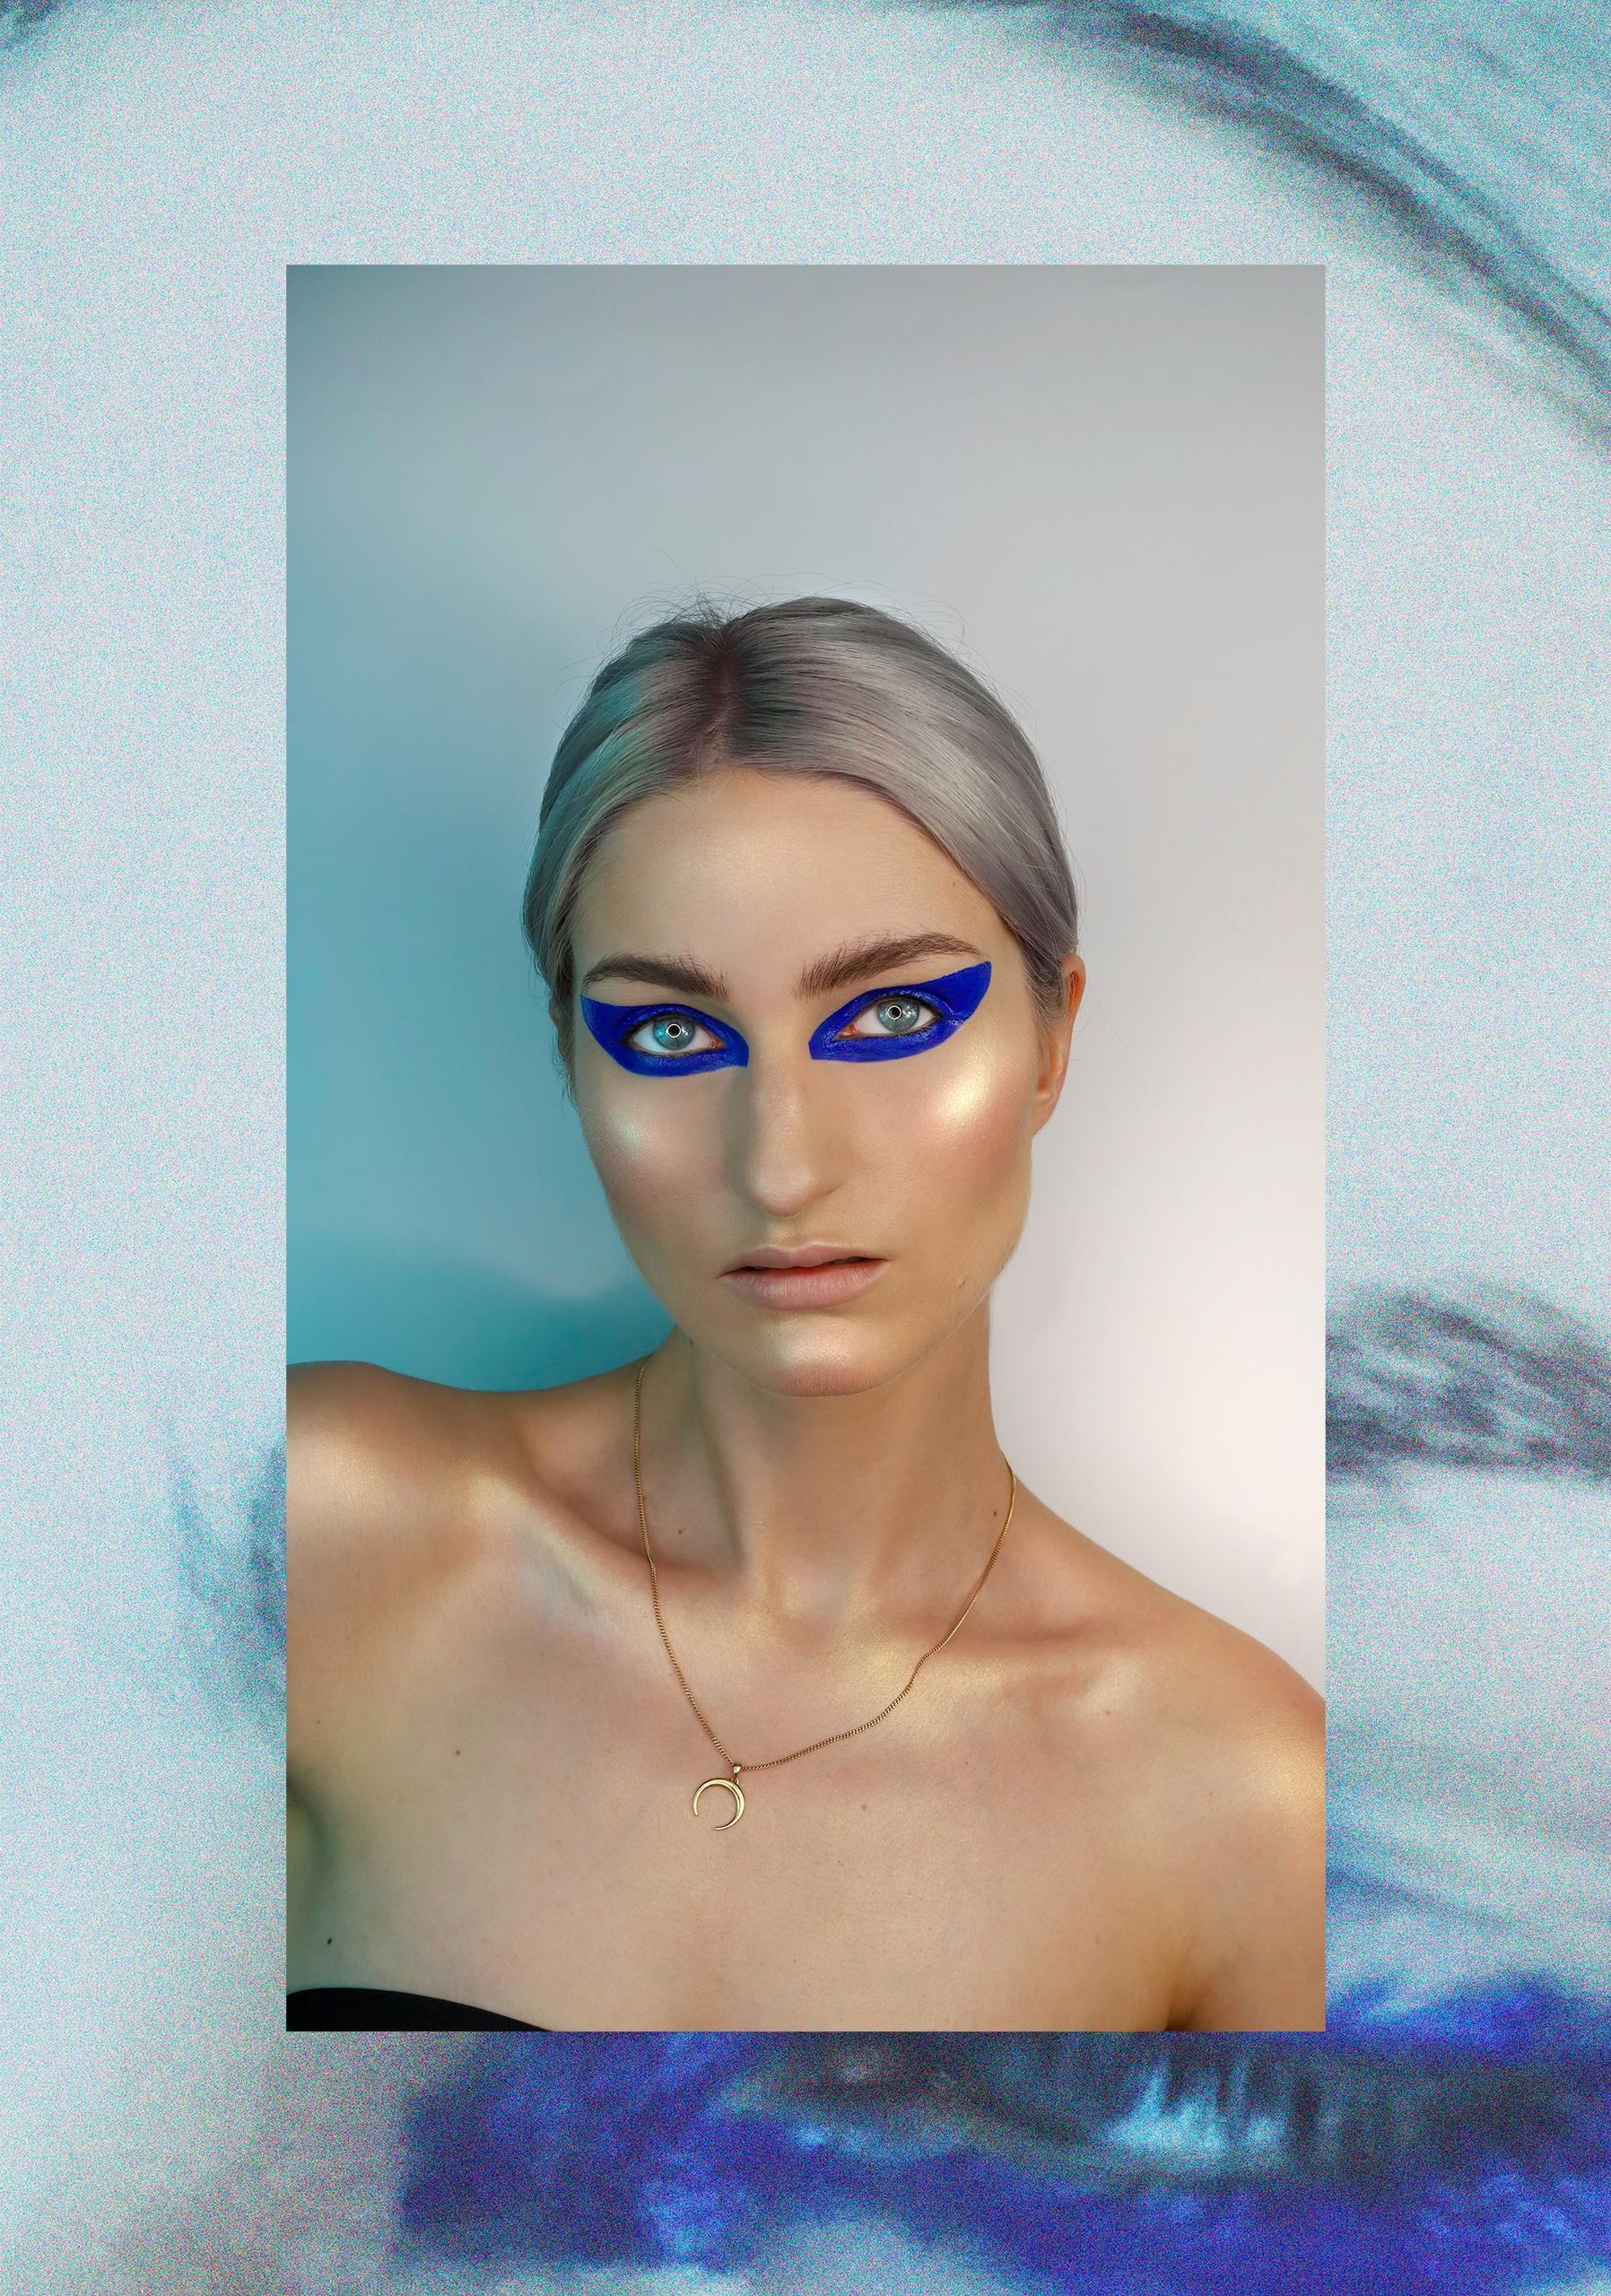 Zdjęcie przedstawia portret kobiety w mocnym makijażu oczu i złotym naszyjnikiem na szyi. Zdjęcie w ramie.